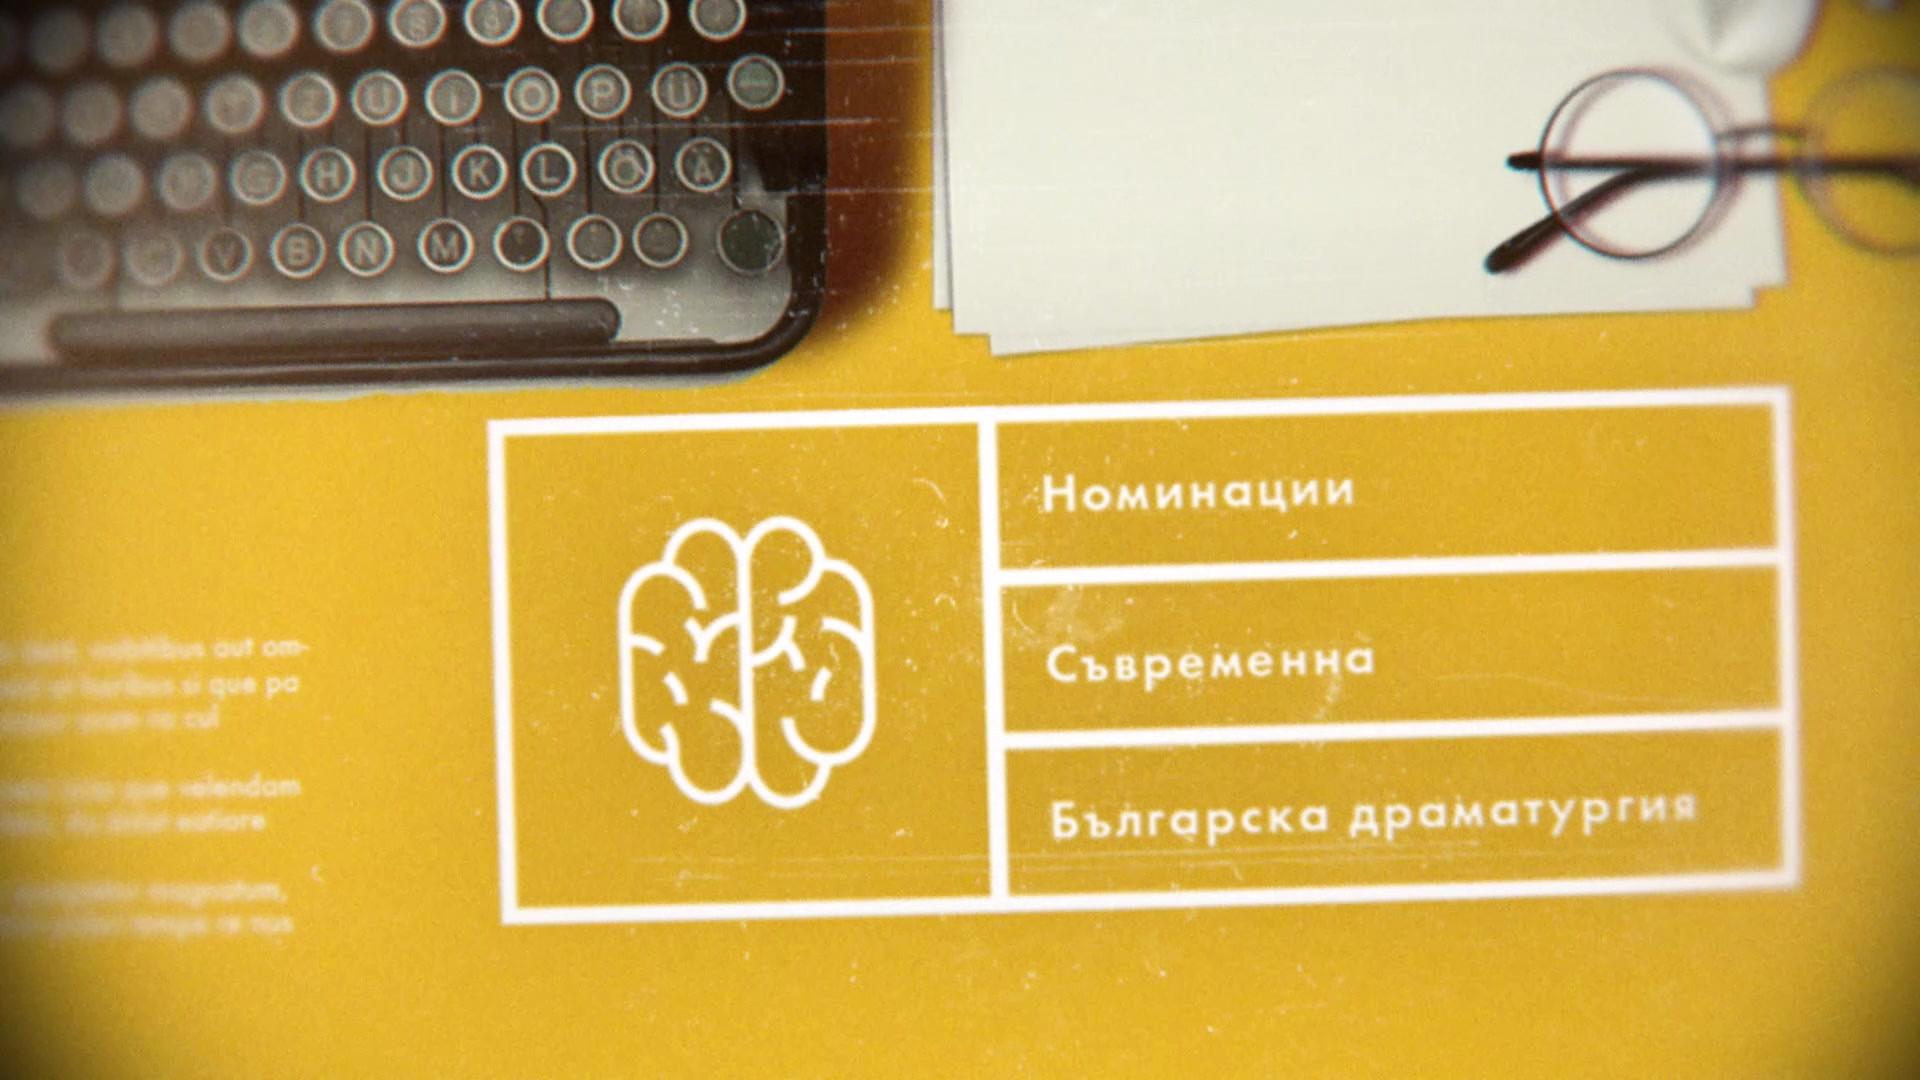 Nom_Dramaturgiq_WEB_HD_HQ.mp4